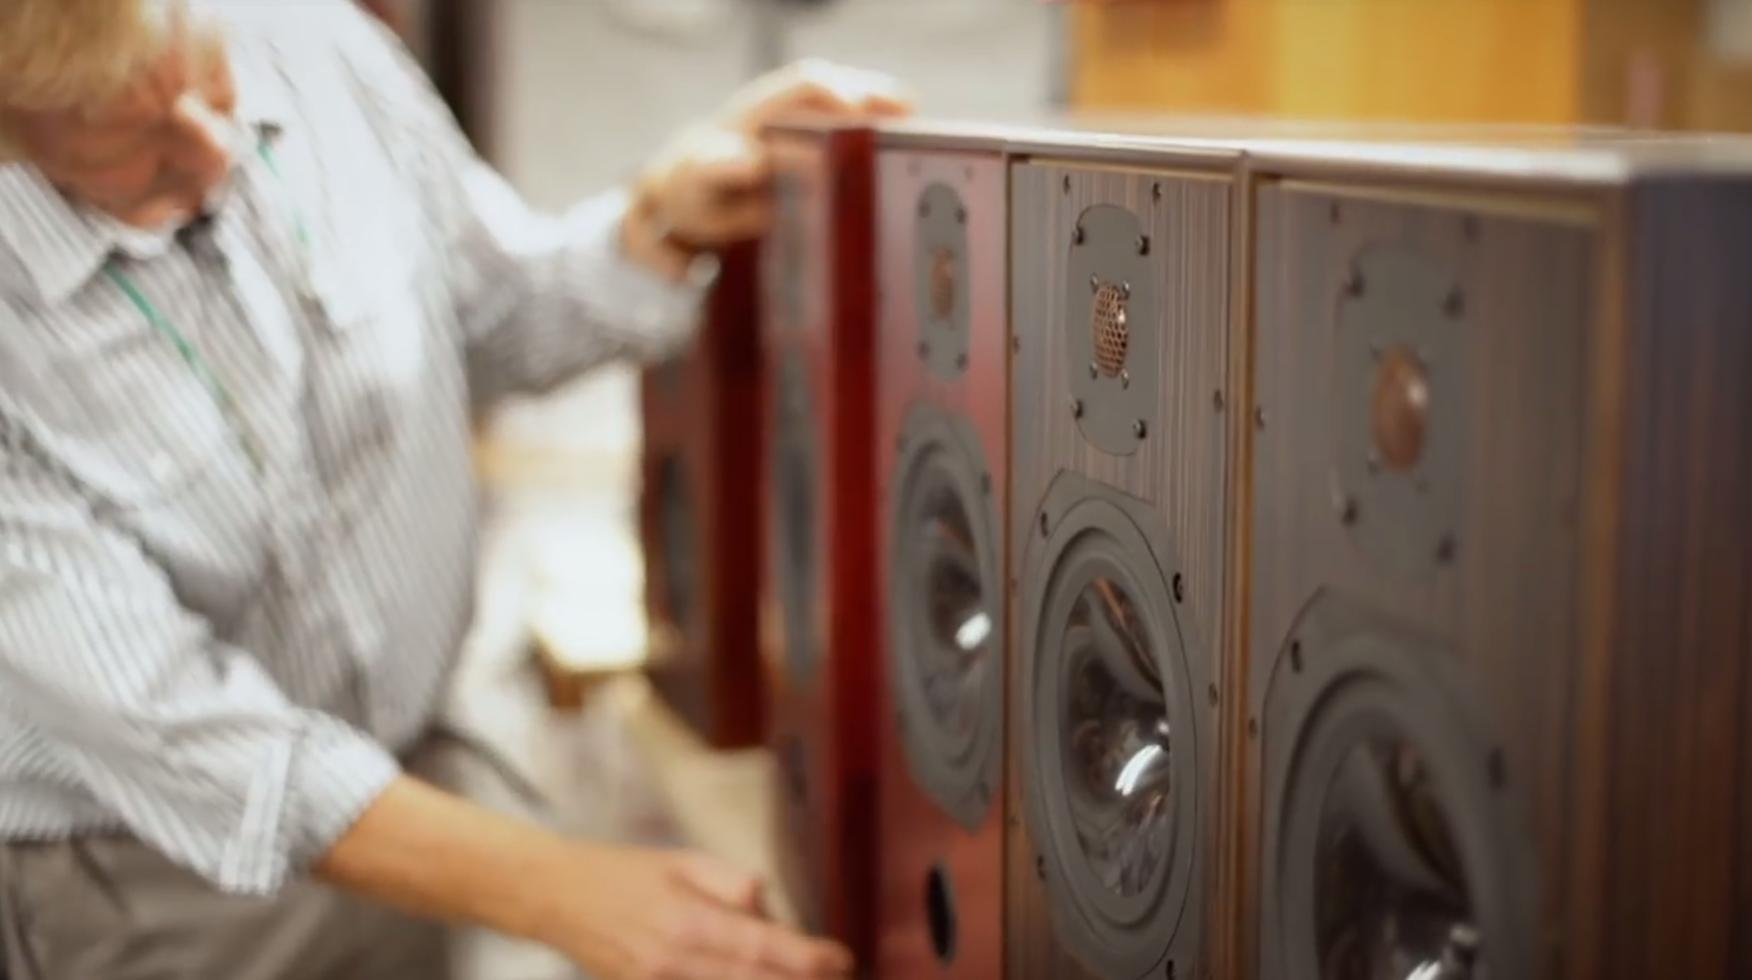 Harbeth fabrieksbezoek door Spitfire Audio